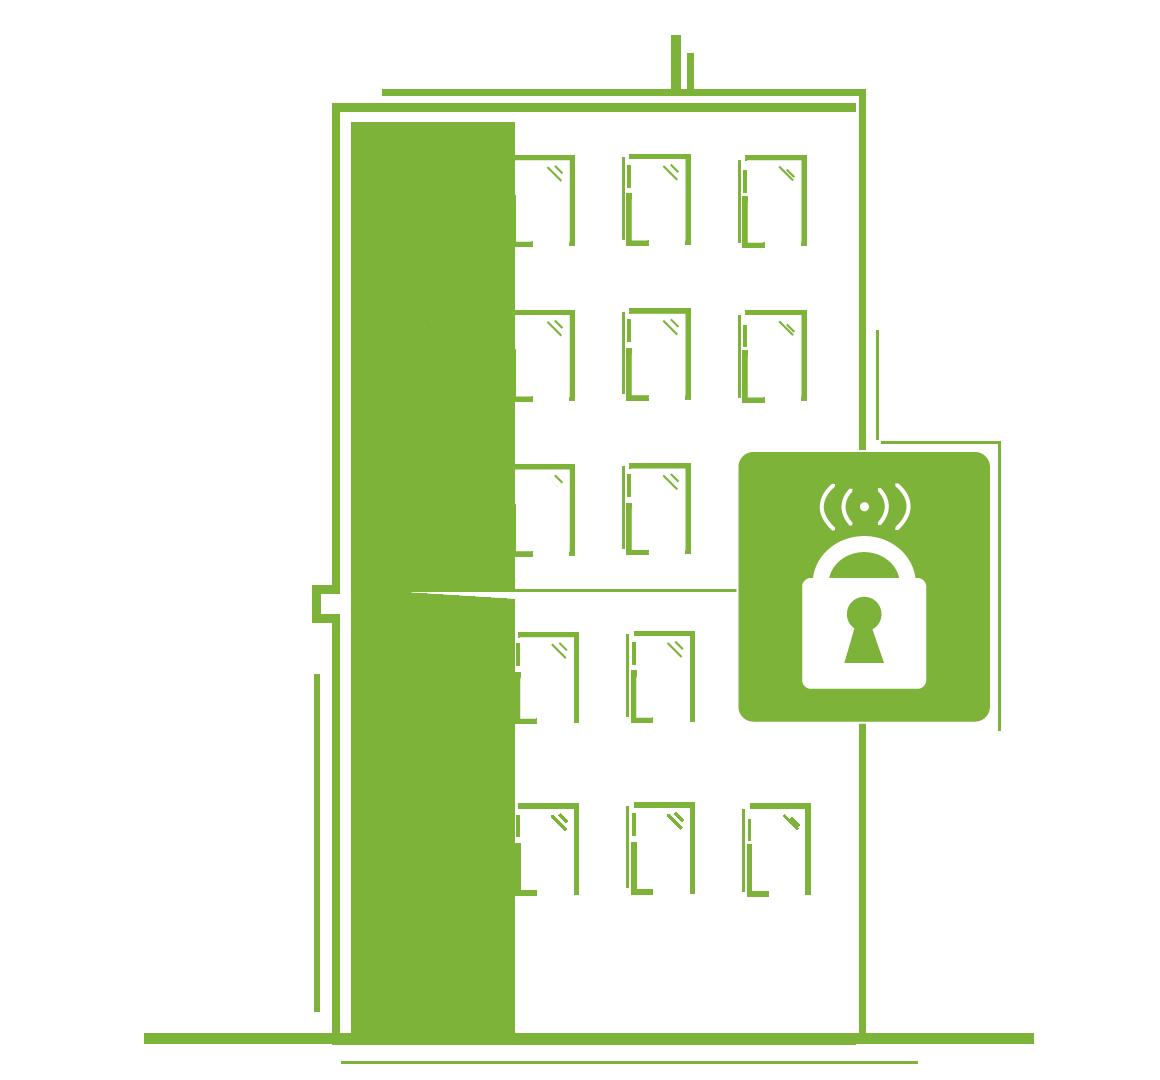 Trådløse adgangssystemer til etagejendomme og boligforeninger